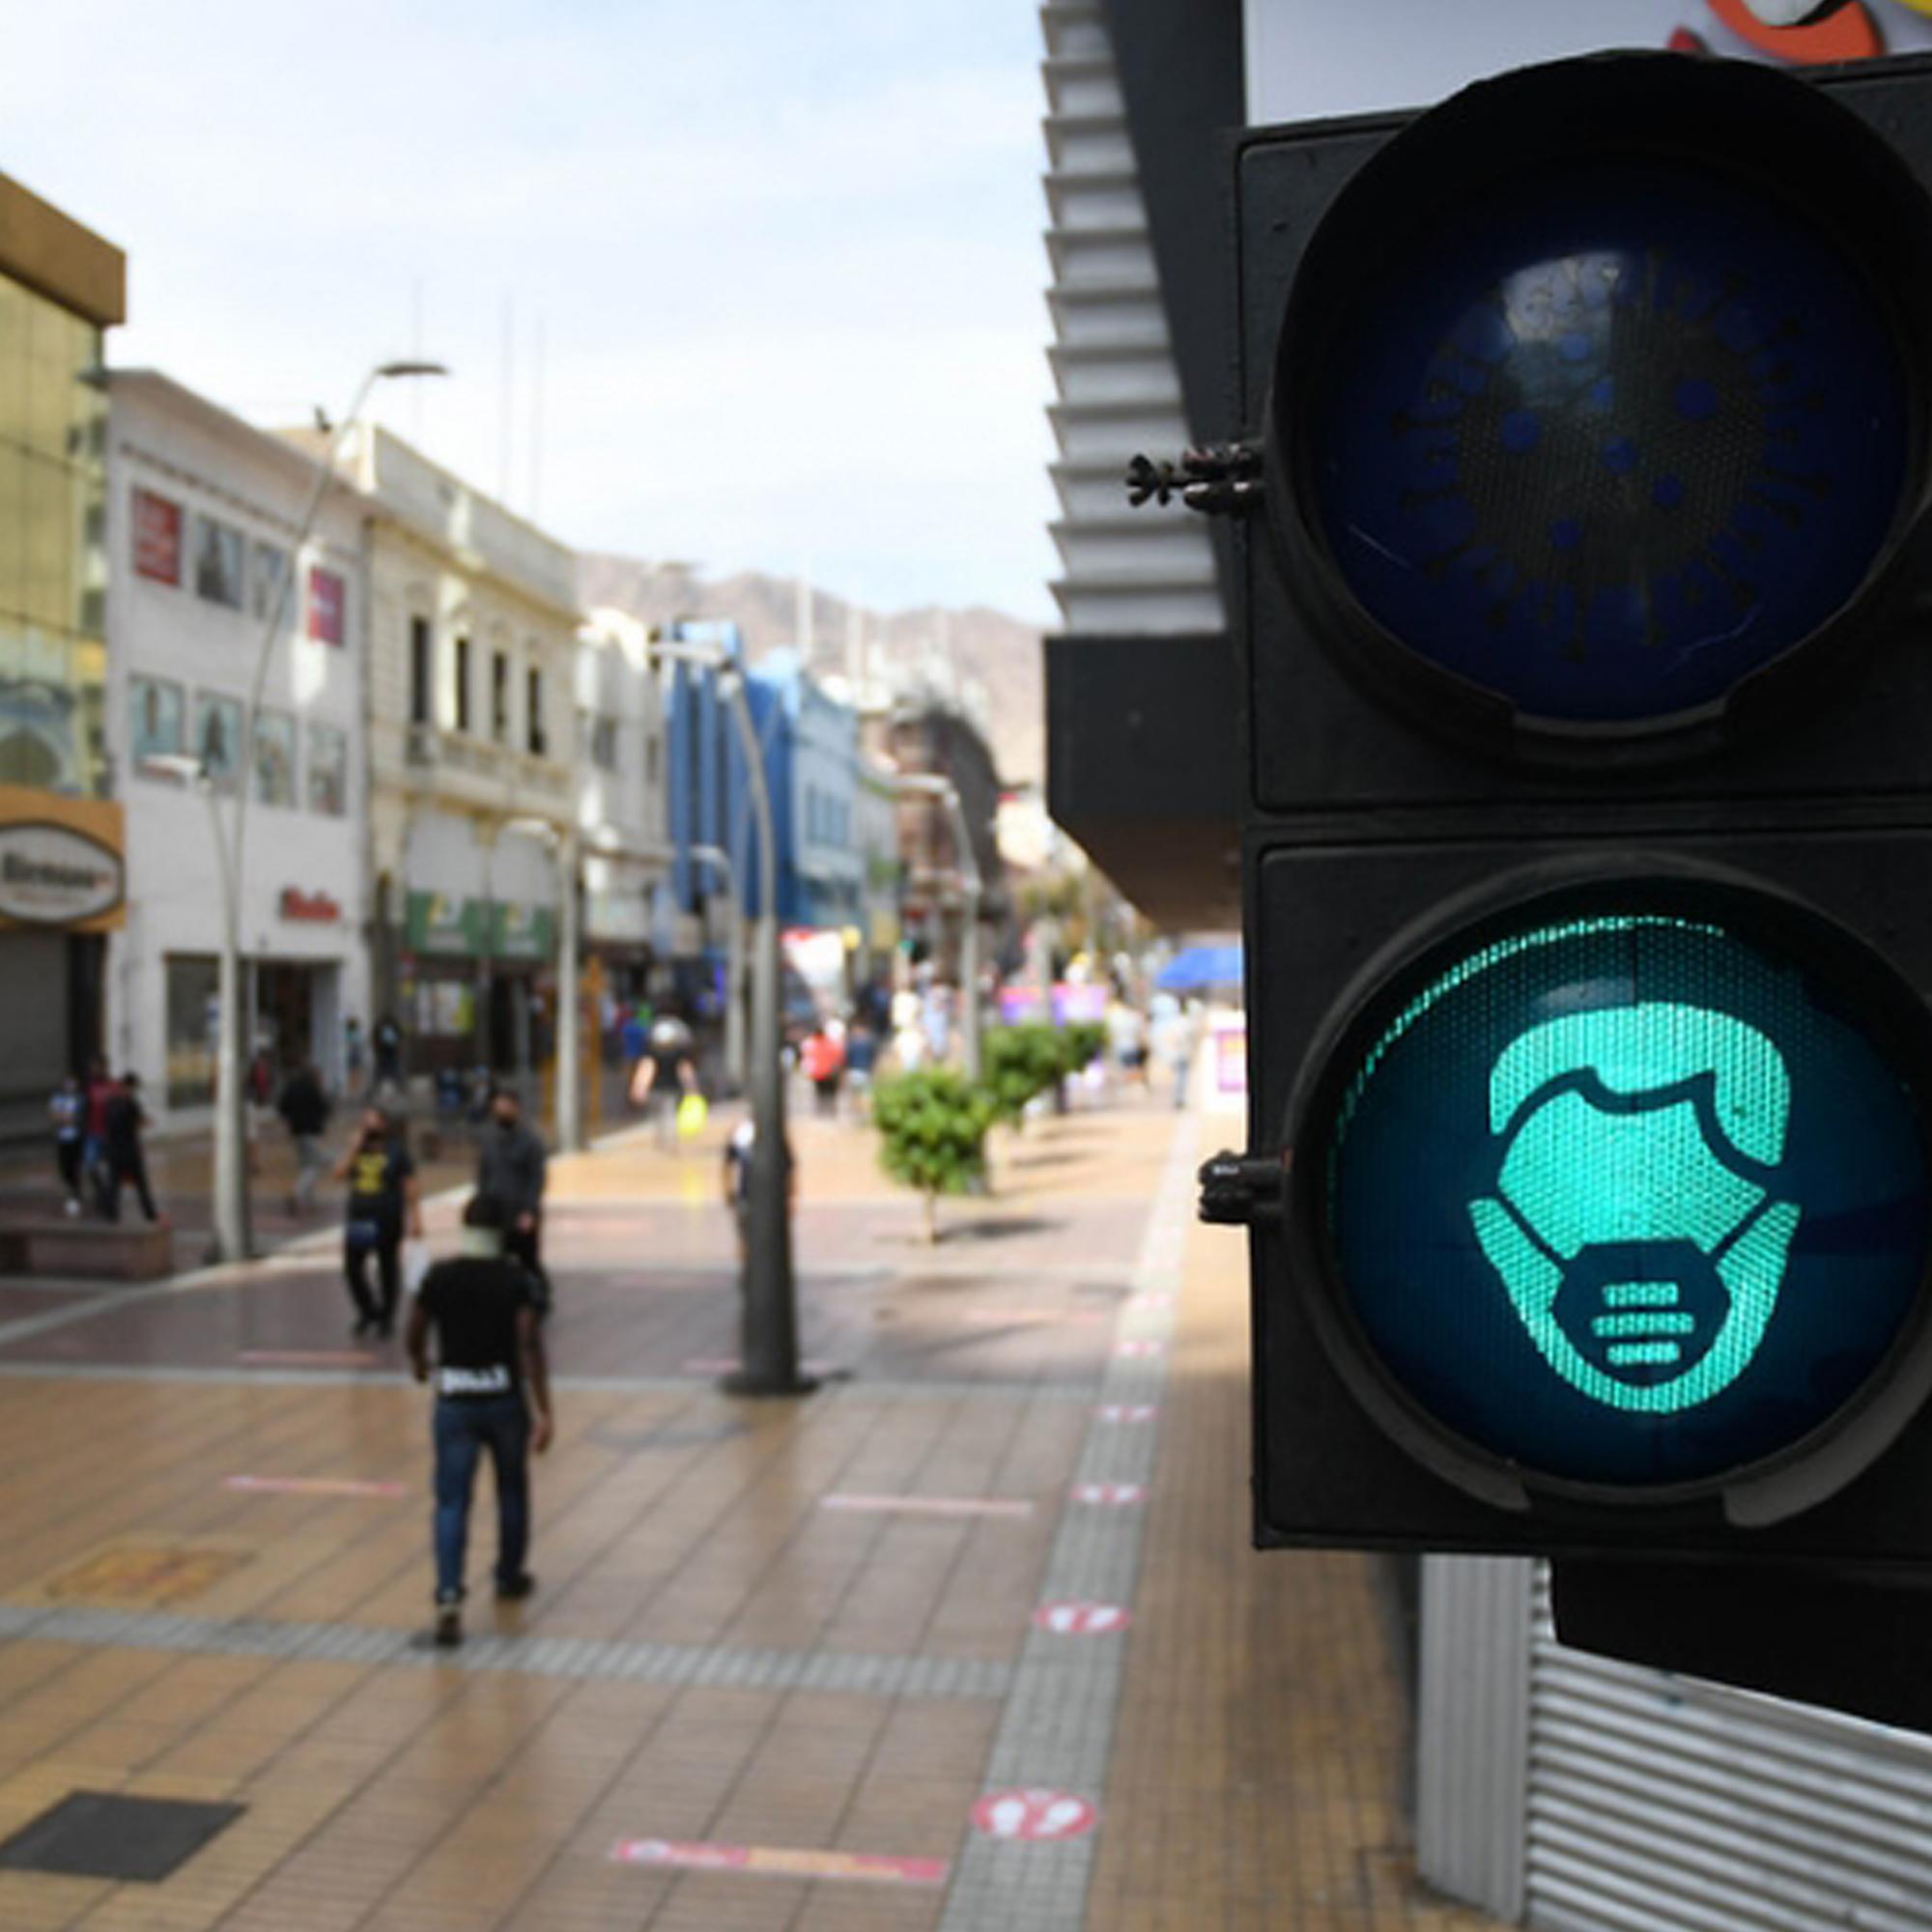 UOCT Antofagasta reestablecerá 99 Semáforos en la Capital Regional